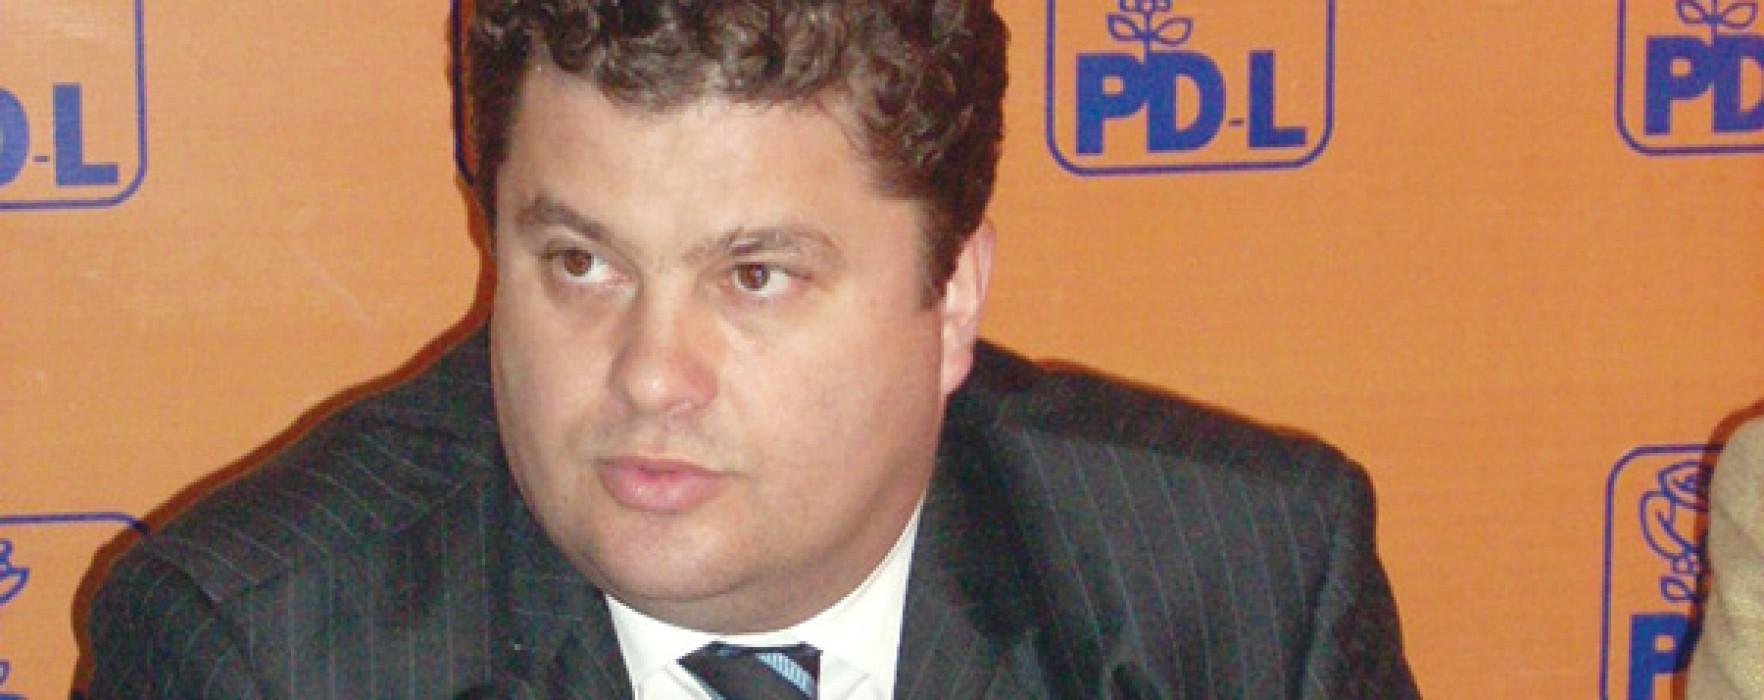 PDL Dâmboviţa a propus la centru excluderea din partid a lui Florin Popescu